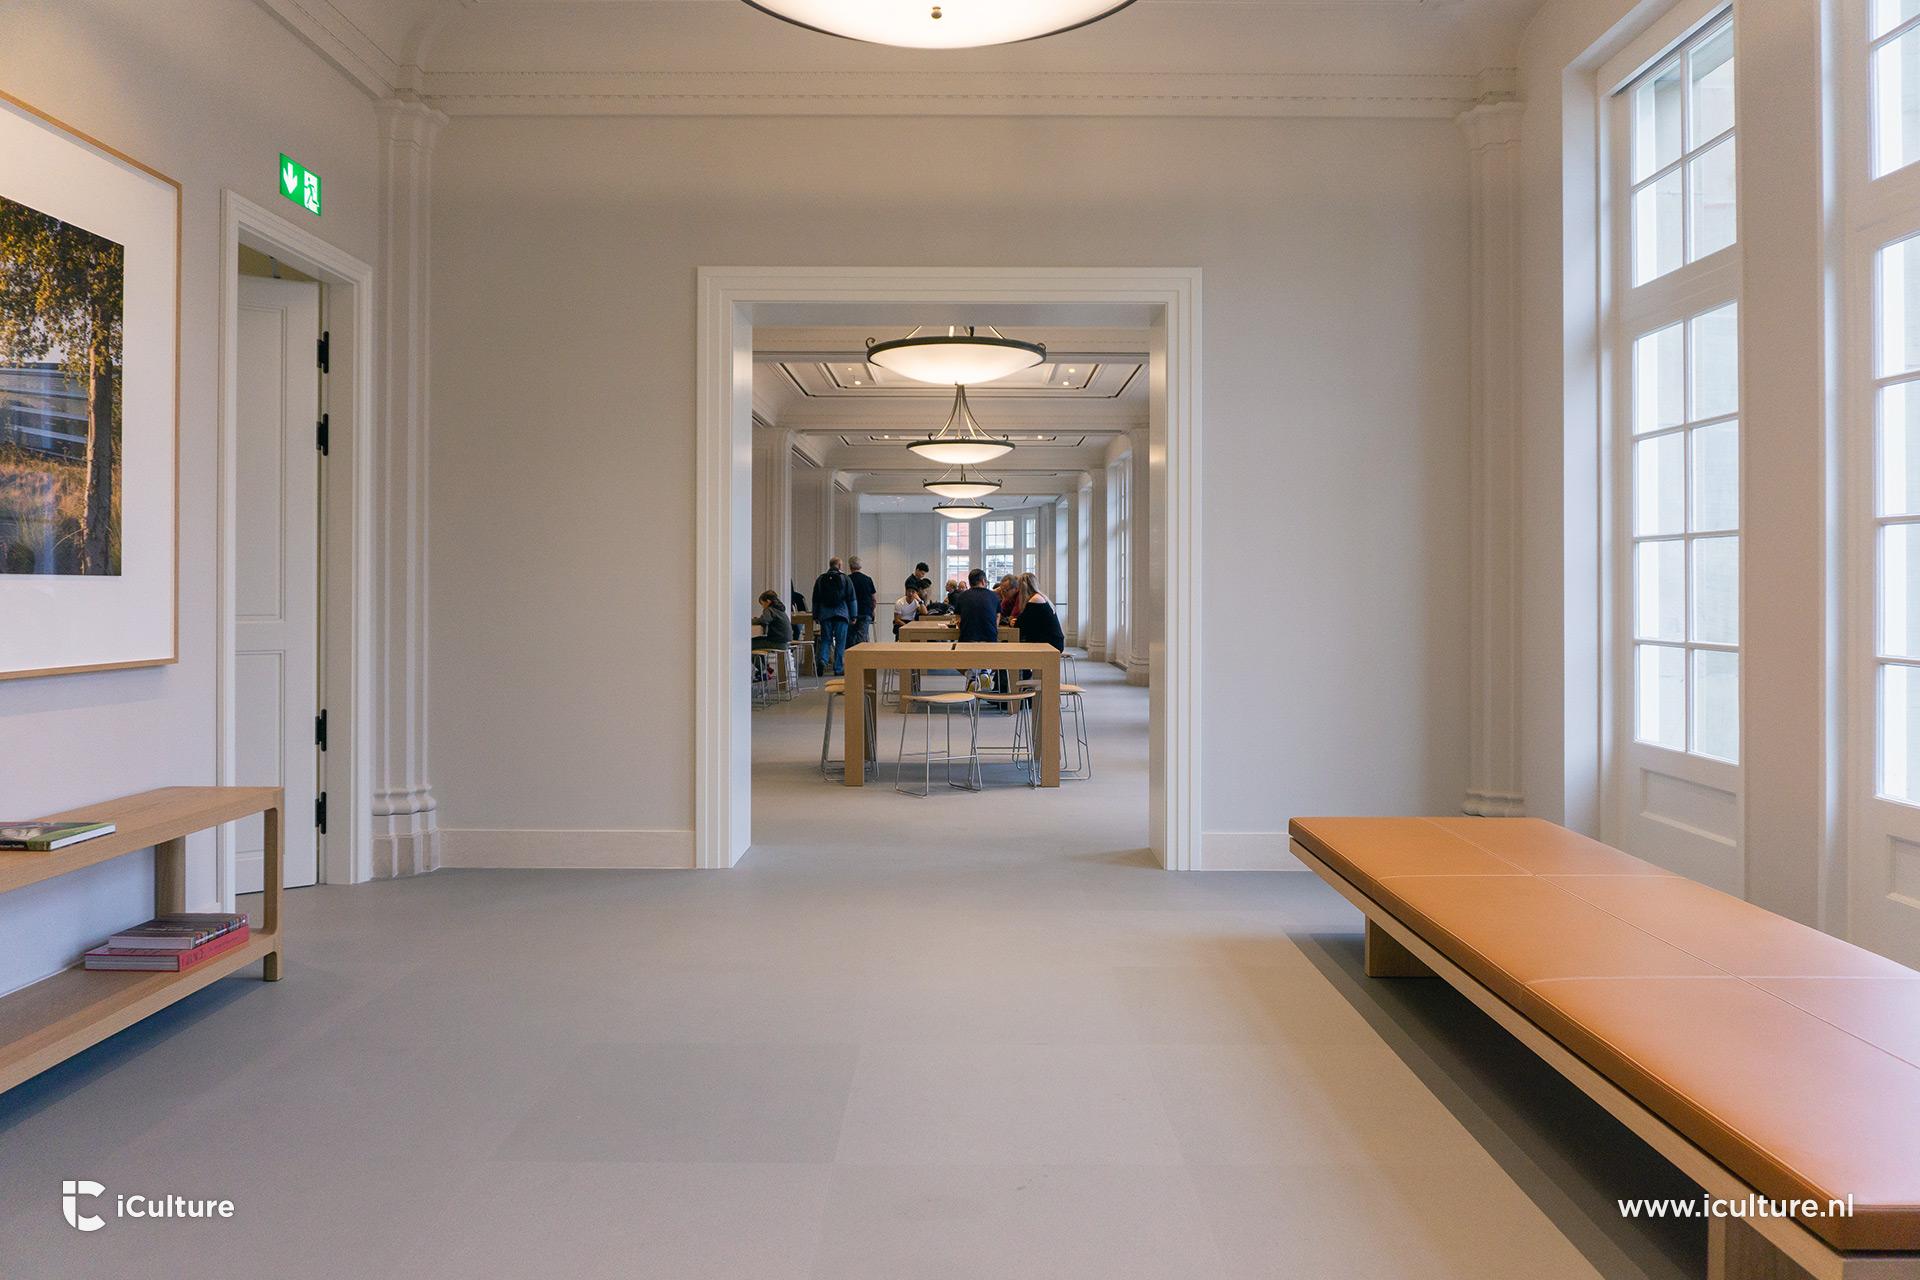 Uitzicht met tafels en banken in de Apple Store Amsterdam.